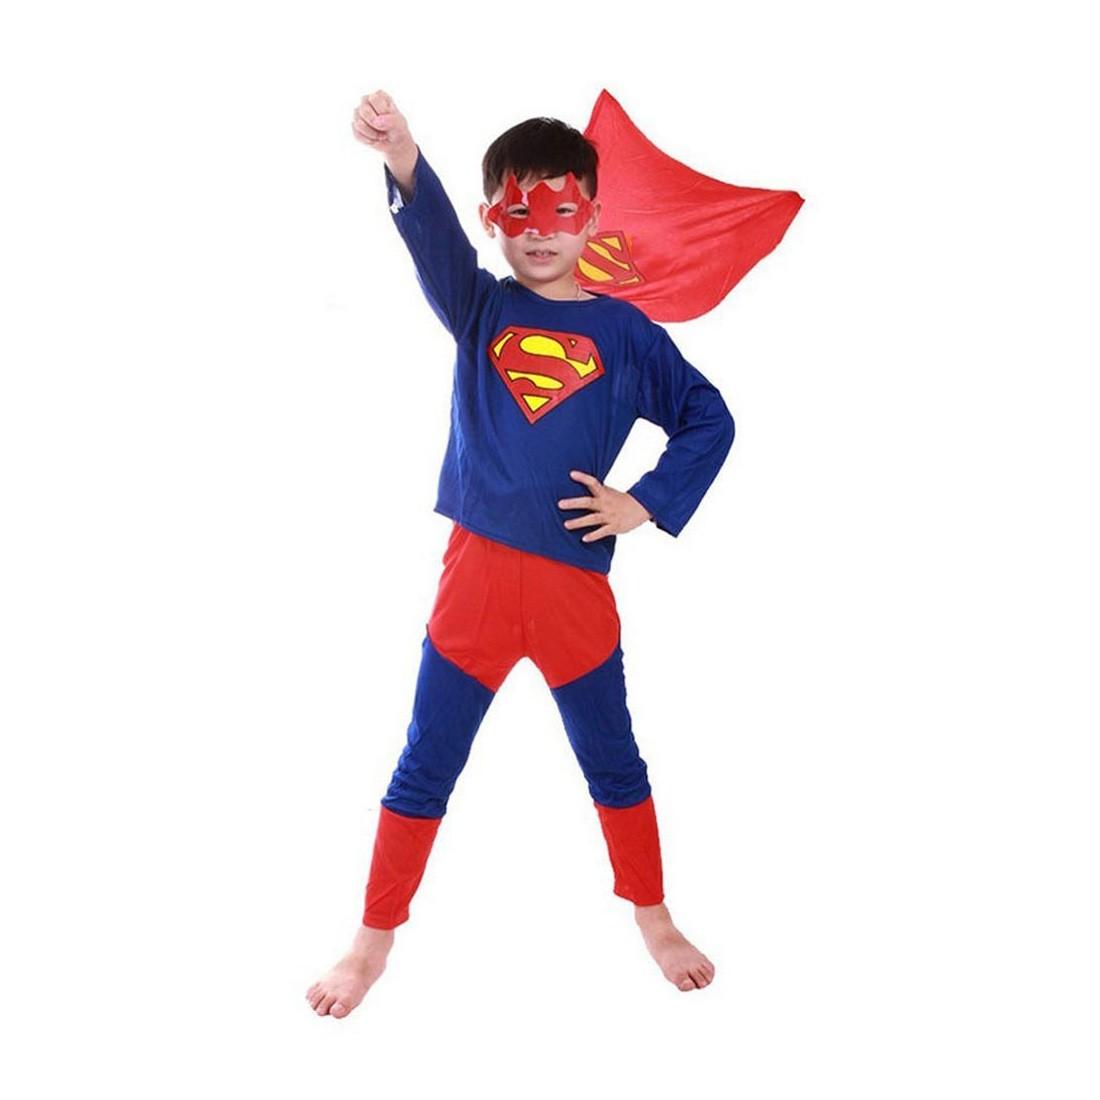 スパイダーマン バットマン スーパーマン コスプレ キッズ